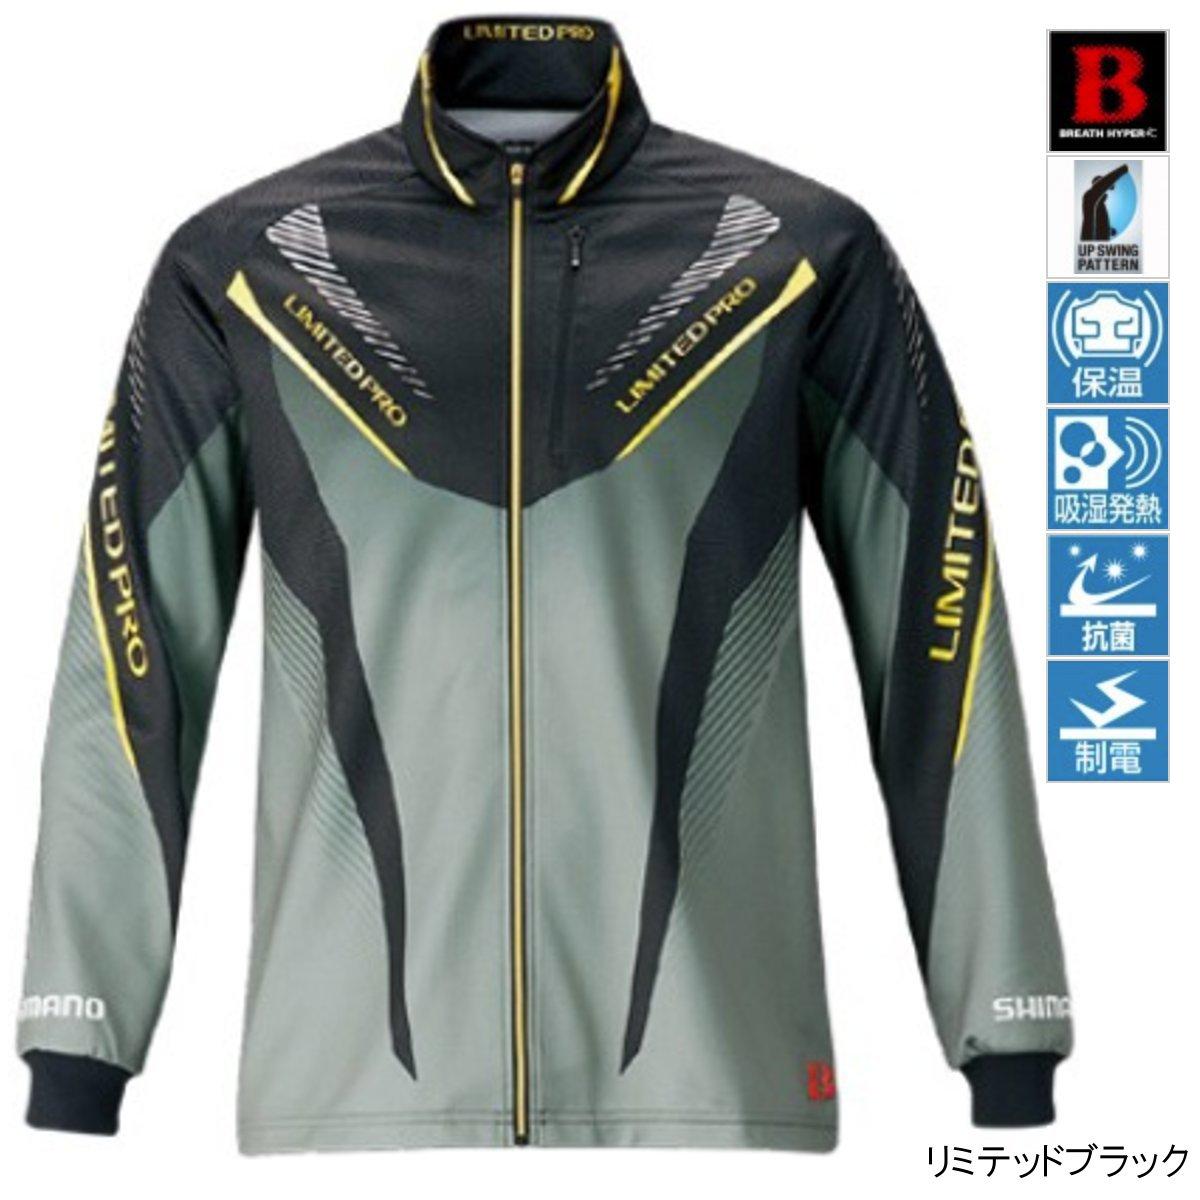 シマノ NEXUS ブレスハイパー+℃ ウォームシャツLIMITED PRO SH-131R XL リミテッドブラック(東日本店)